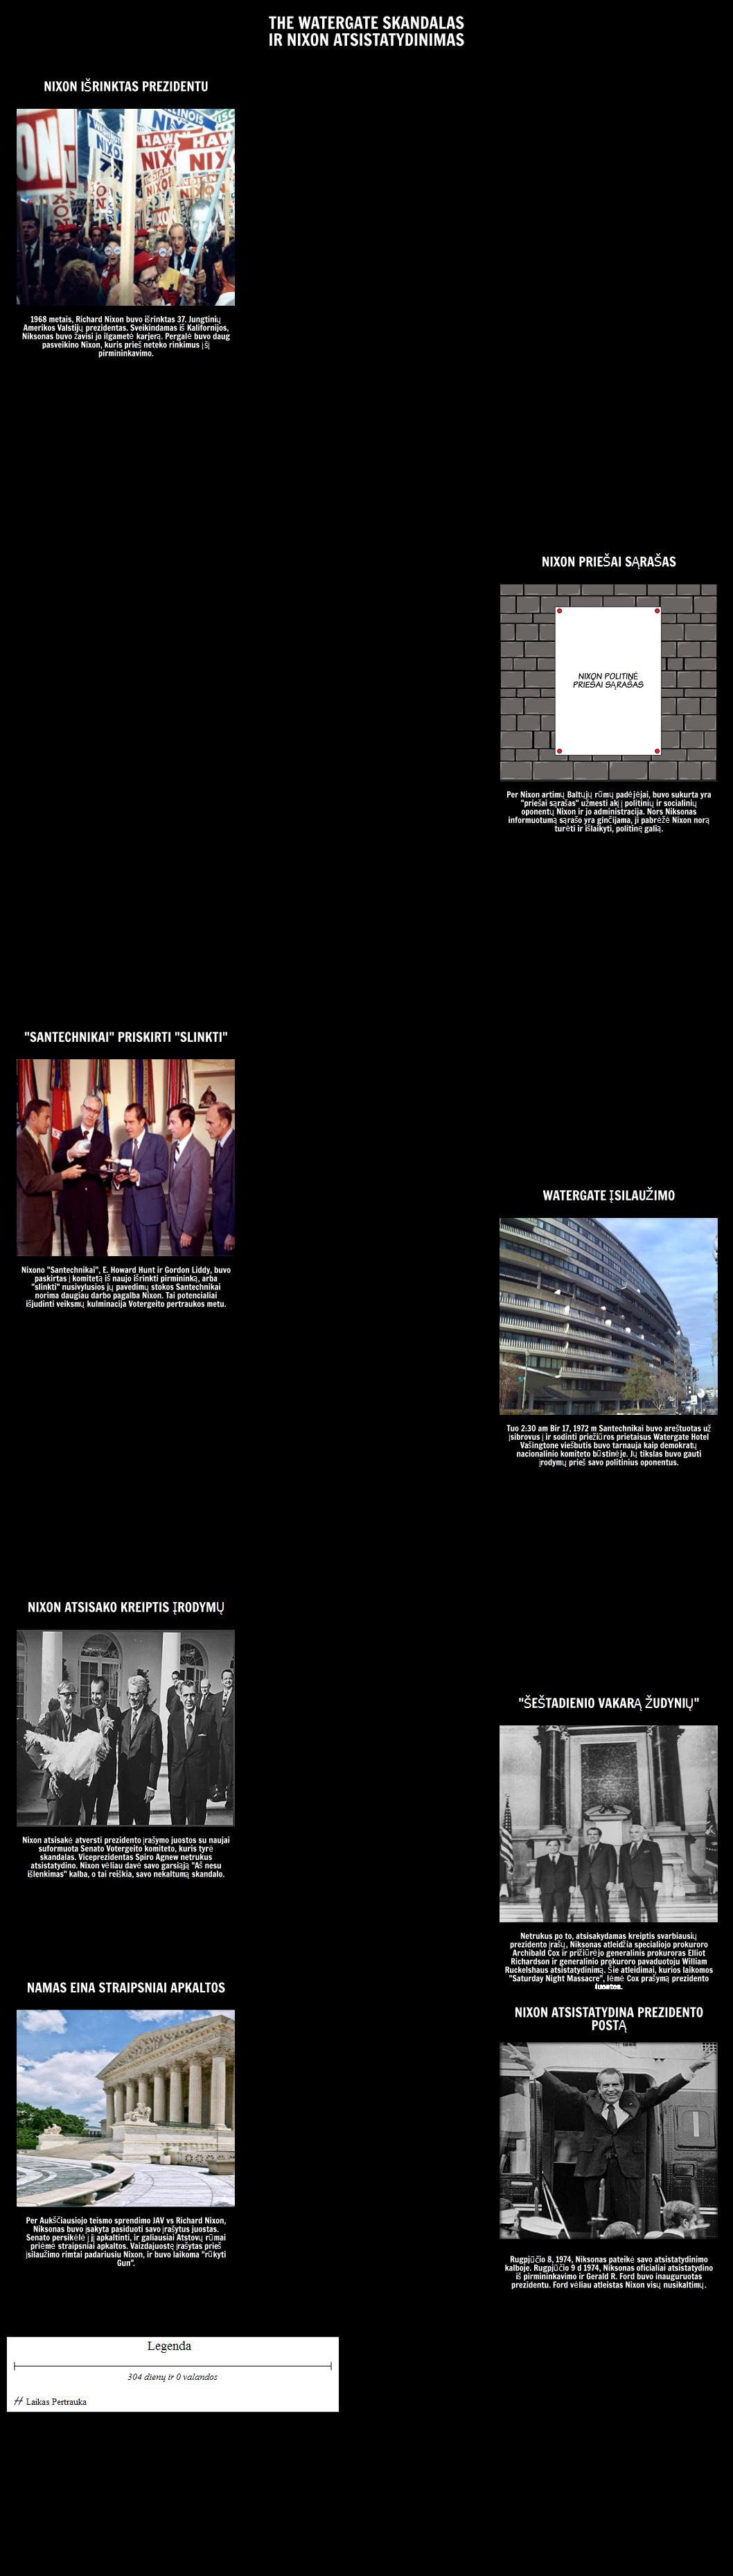 Votergeito Skandalo Chronologija ir Nixon Atsistatydinimo